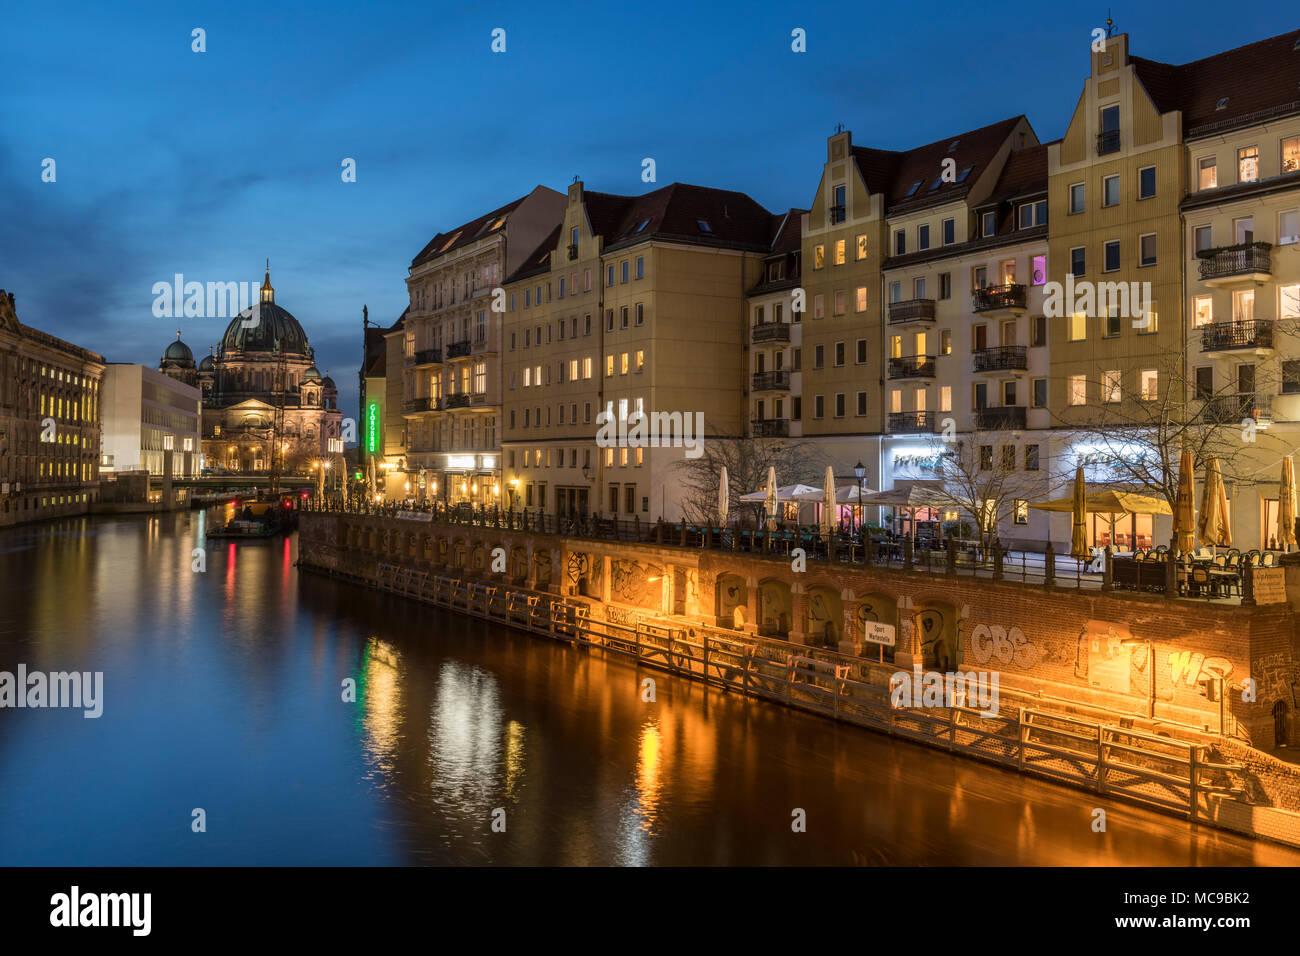 El río Spree, bordeando el Nikolaiviertel, conduce hacia el hito histórico de la Catedral de Berlín. Imagen De Stock